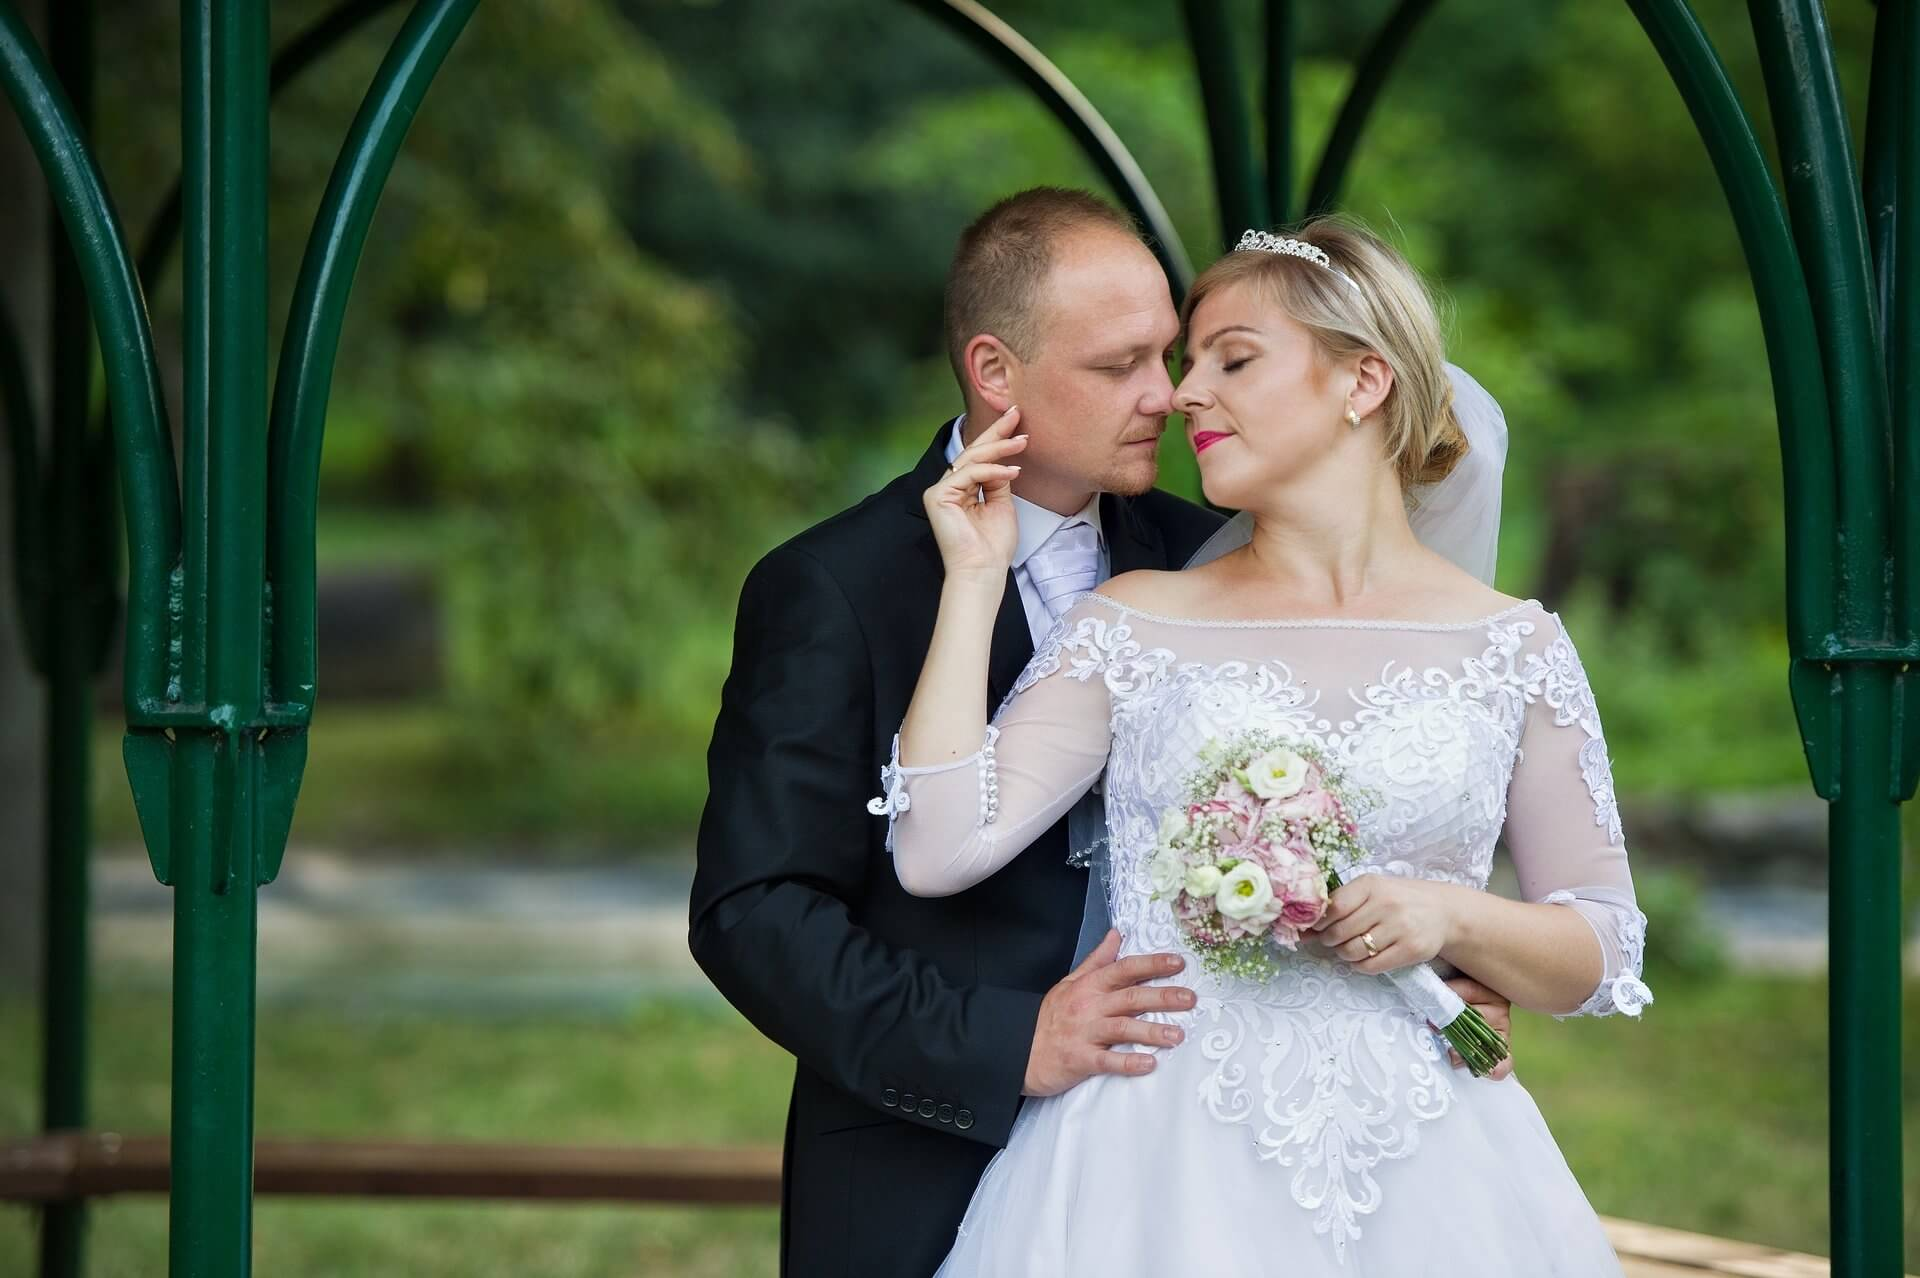 svadobne portrety fotky Kosice Peter Norulak photography park _008